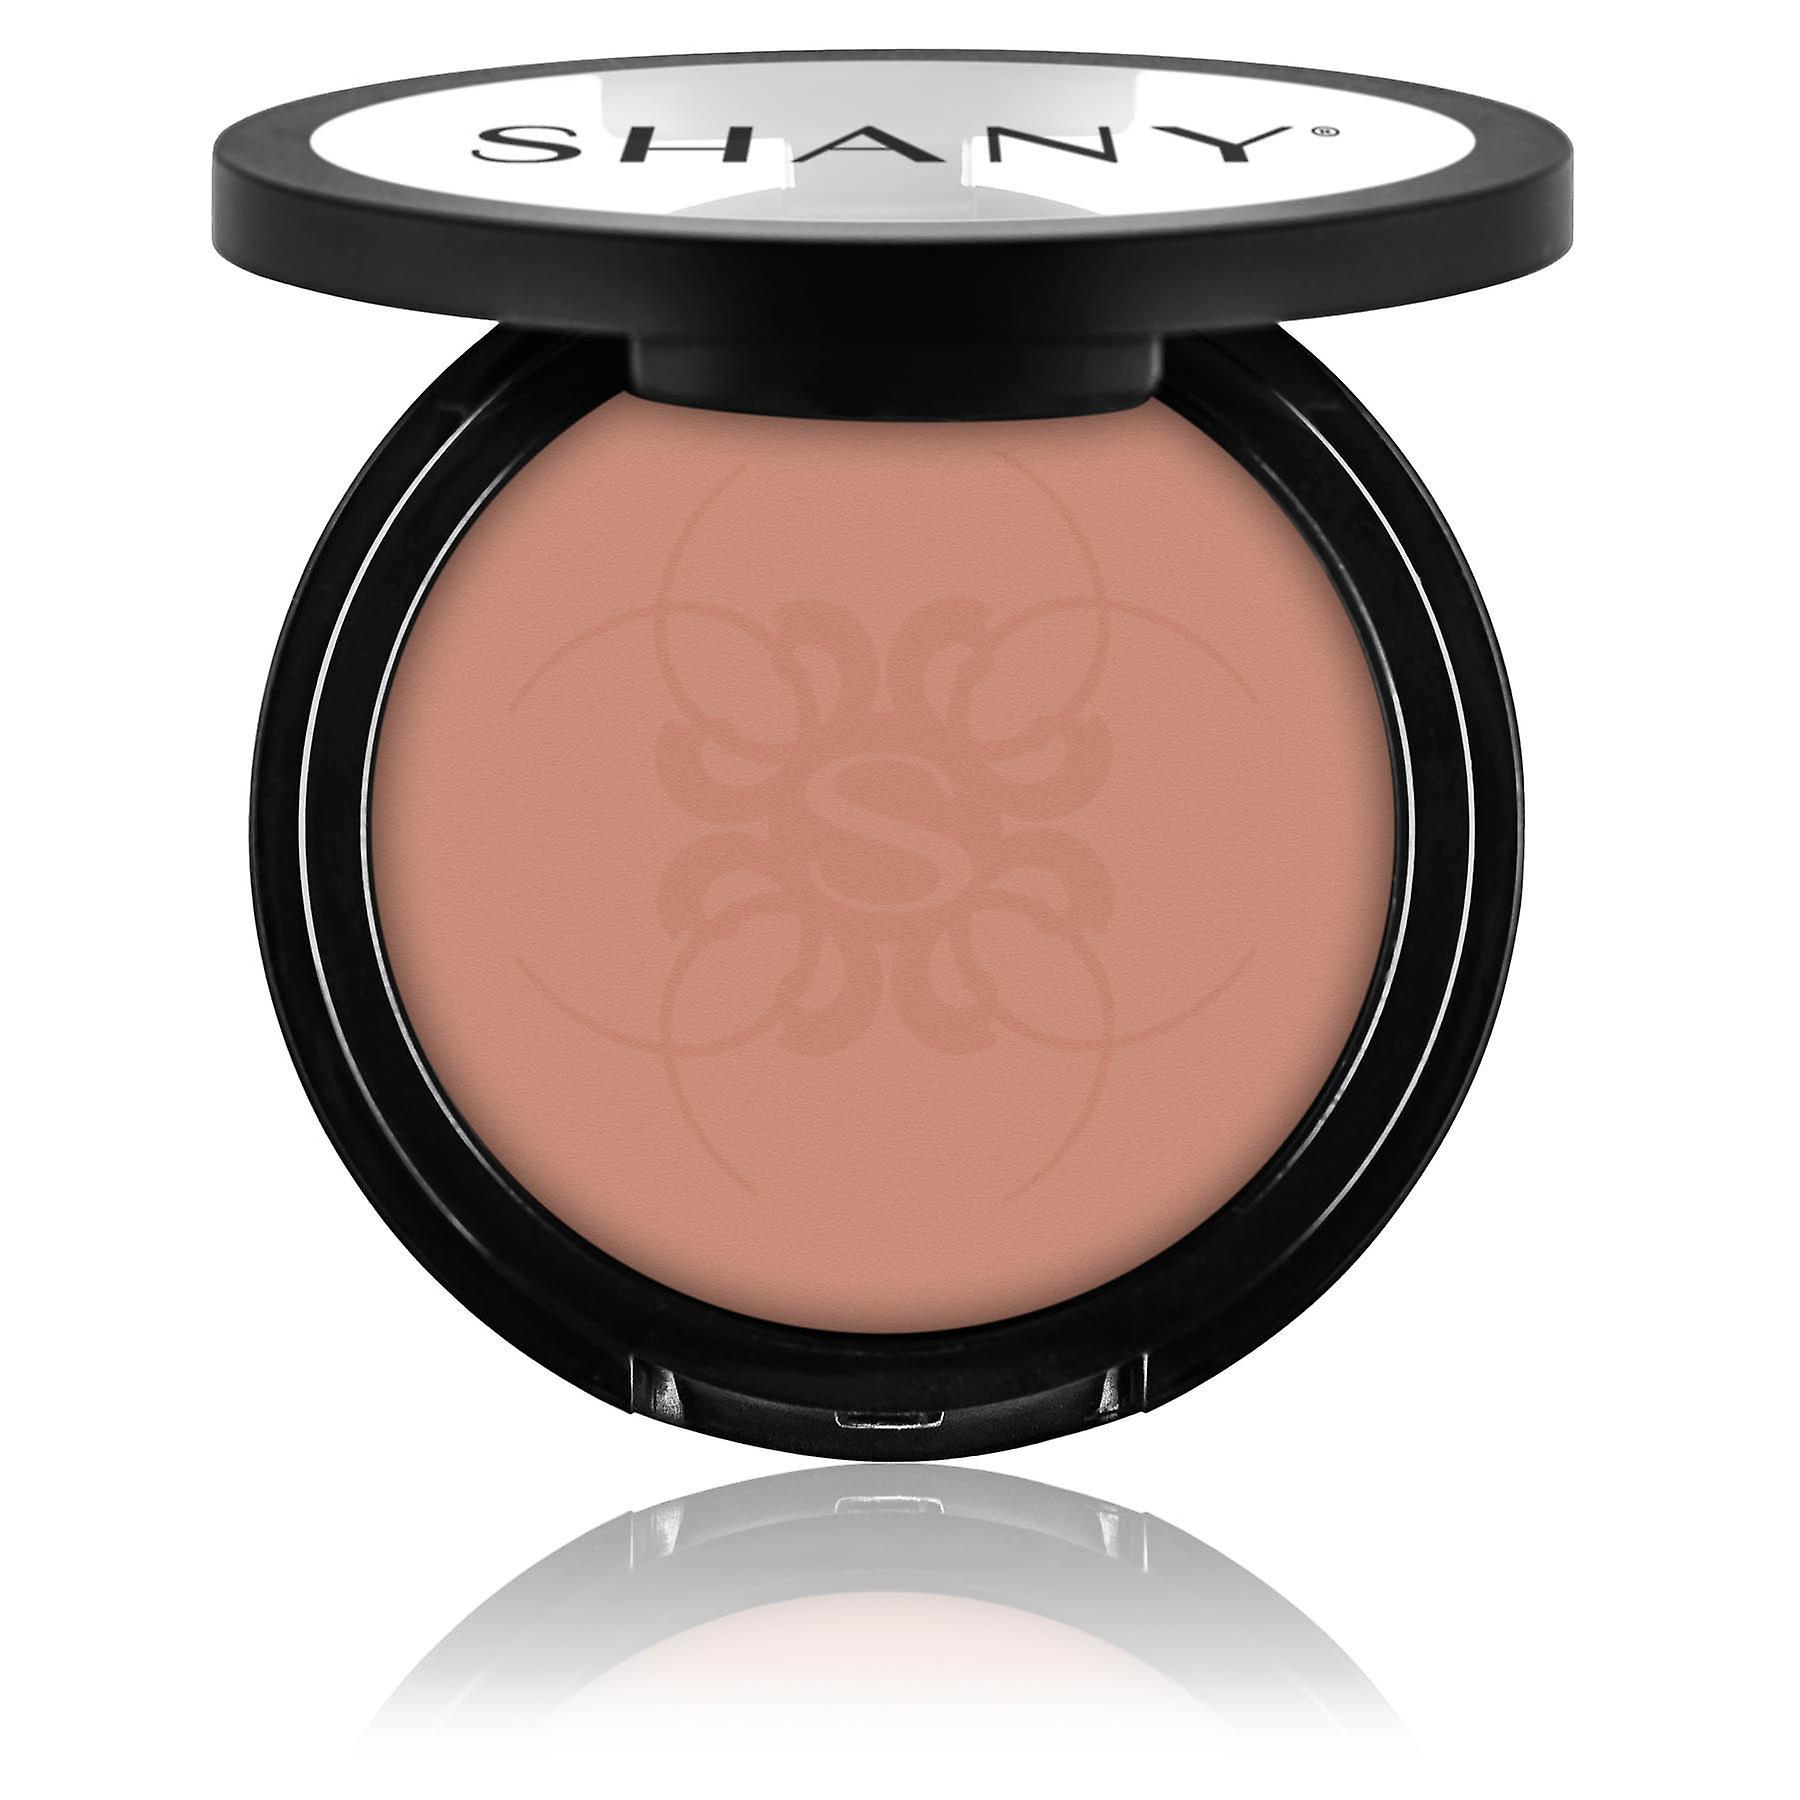 SHANY Paraben Free Powder Blush